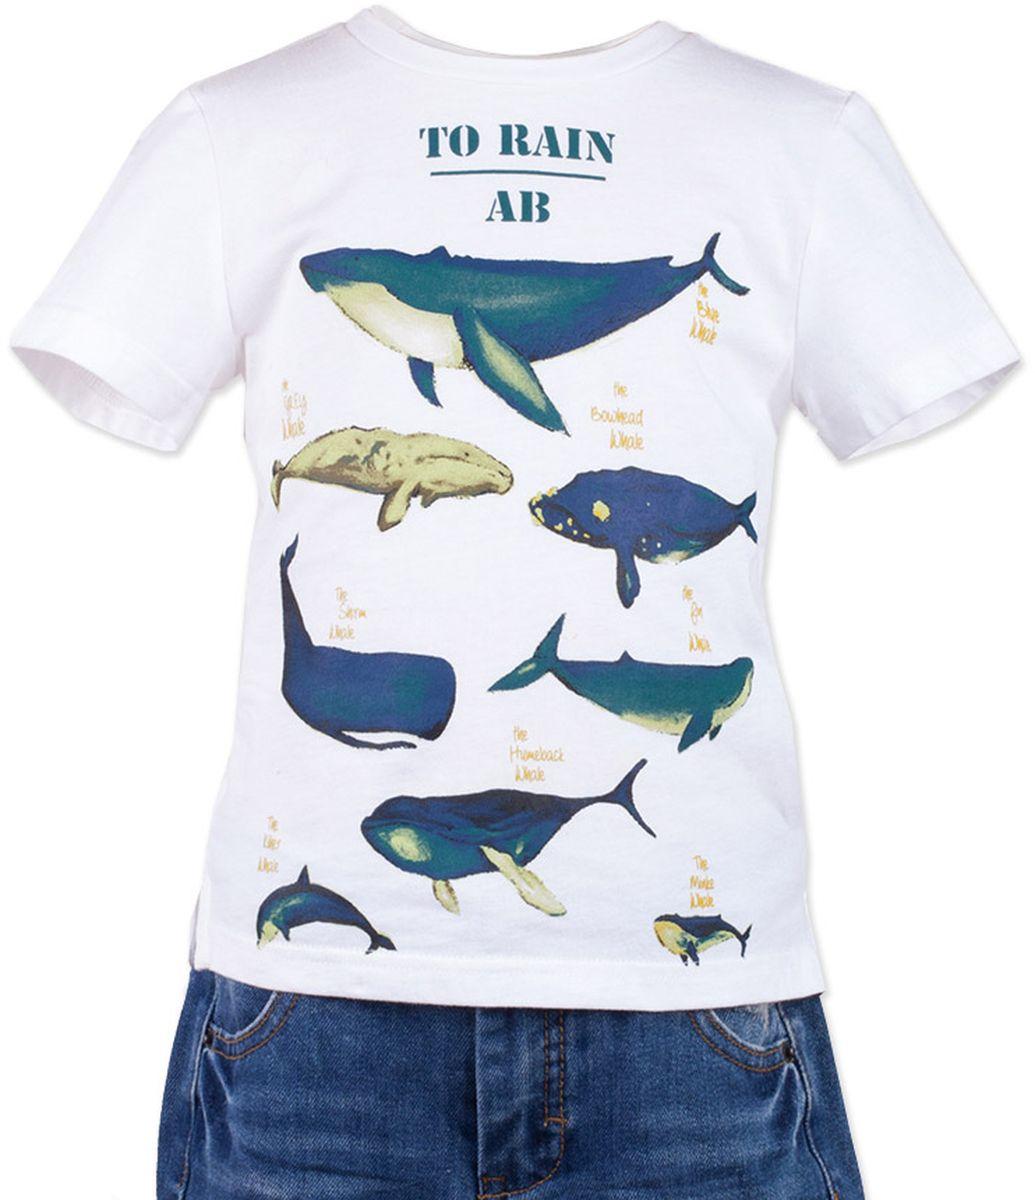 Футболка117BBBC12020200Белая футболка - не только базовая вещь в гардеробе ребенка, но и залог хорошего летнего настроения! Если вы решили купить недорогую белую футболку для мальчика, выберете модель футболки с оригинальным принтом, и ваш ребенок будет доволен! Низкая цена не окажет влияния на бюджет семьи, позволив создать яркий базовый гардероб для долгожданных каникул!